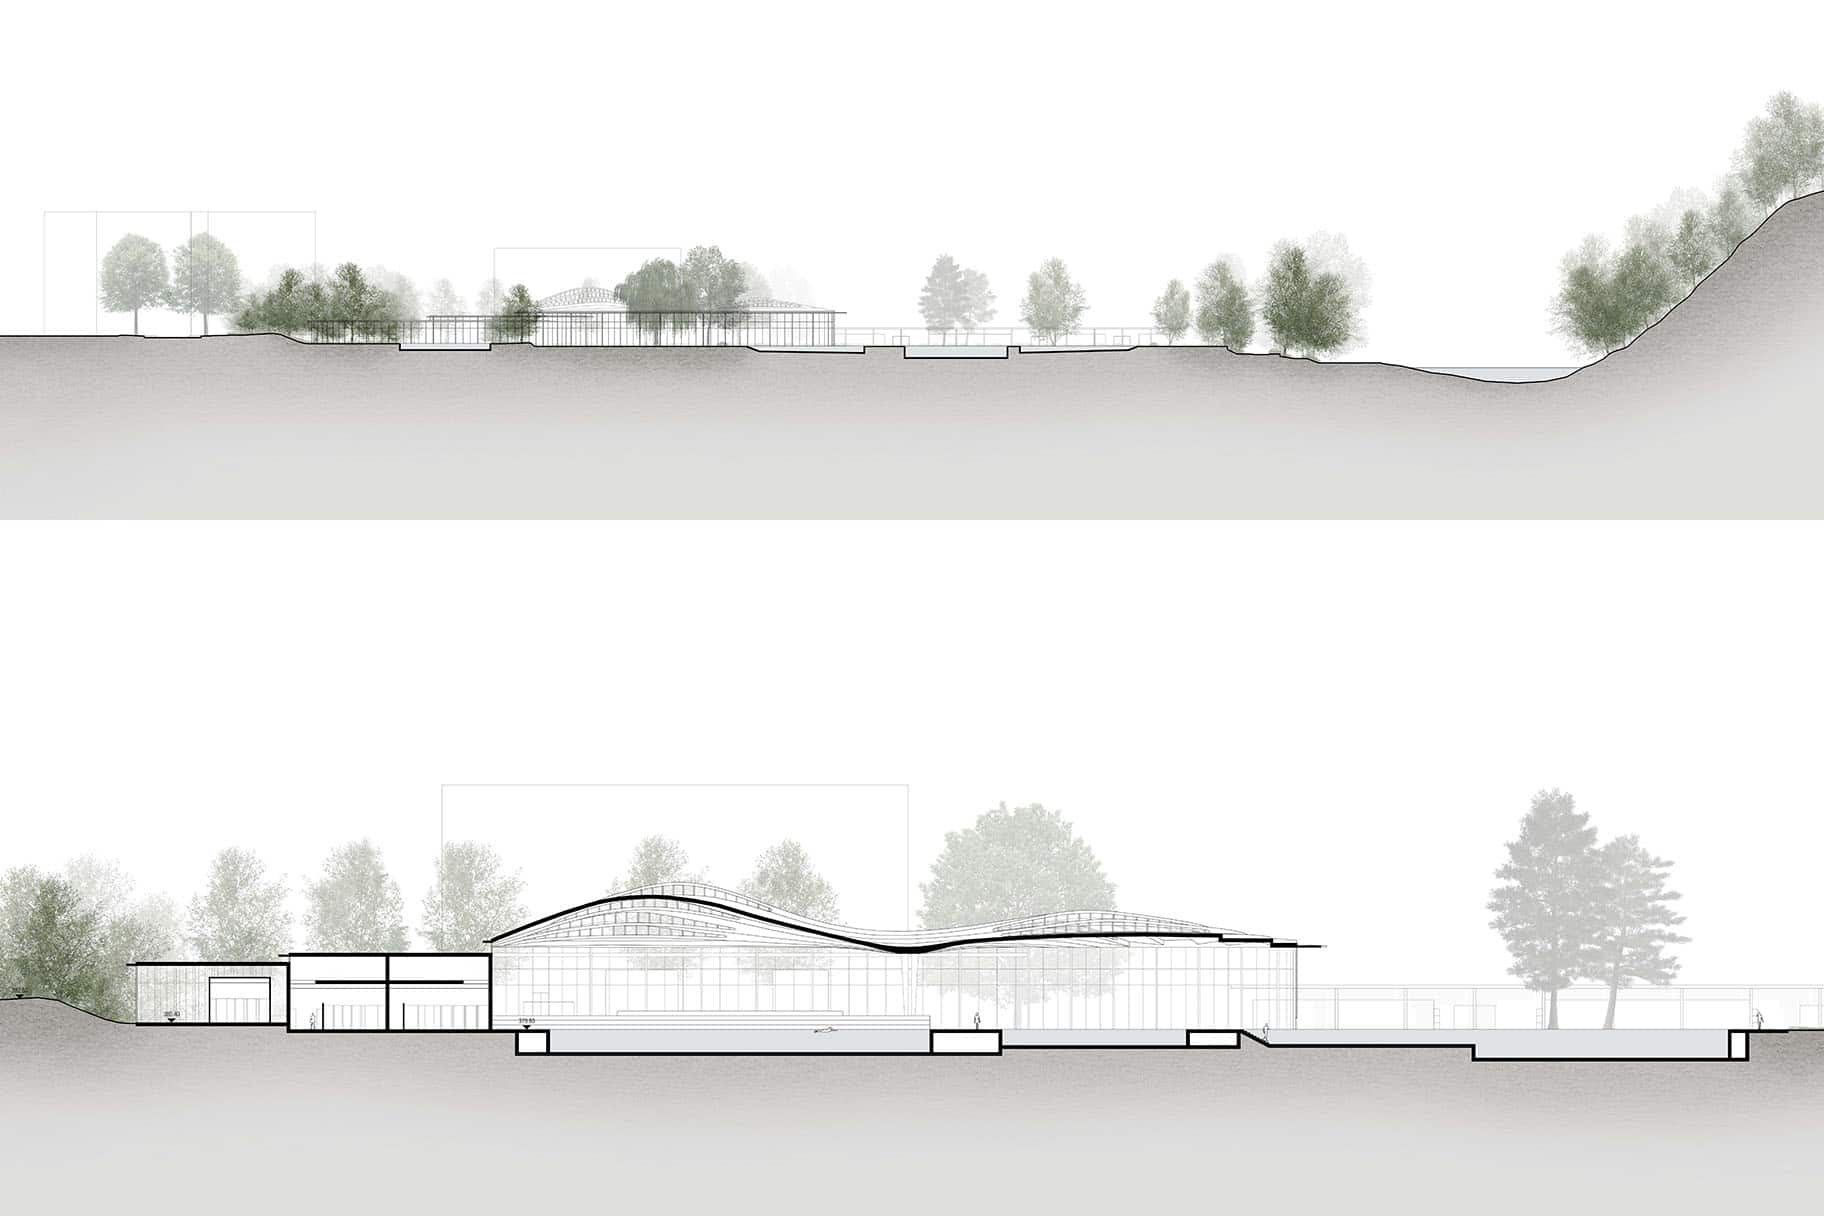 coupes-concours-piscine-fontenette-carouge-projet-vimade-architectes-paysagistes-collinfontaine-paysage-arve-parc